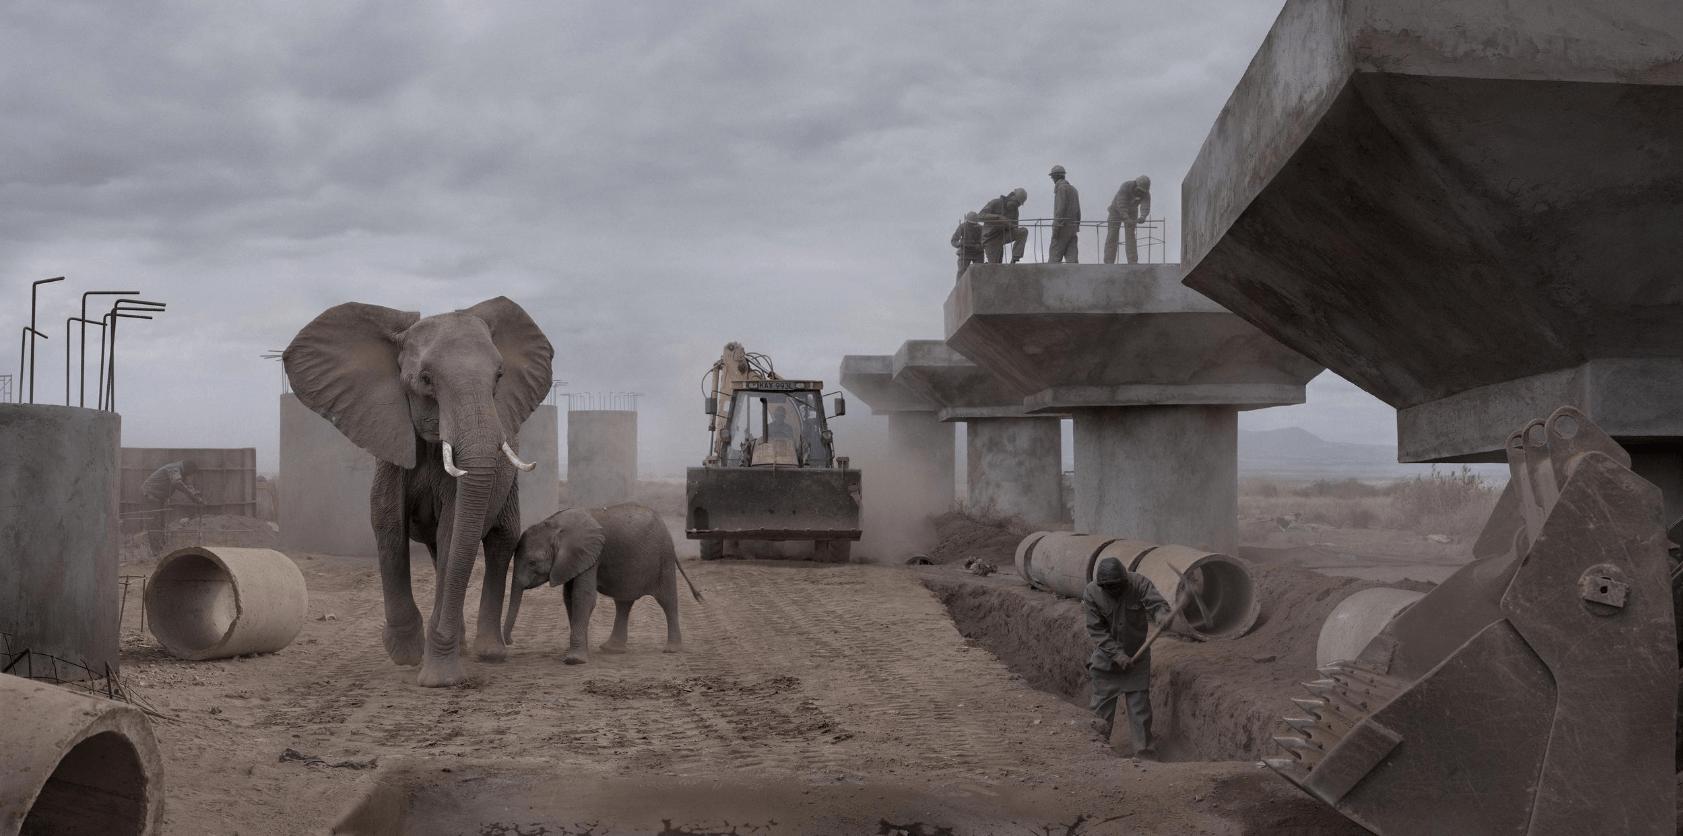 Photographier le conflit homme-animal en Afrique